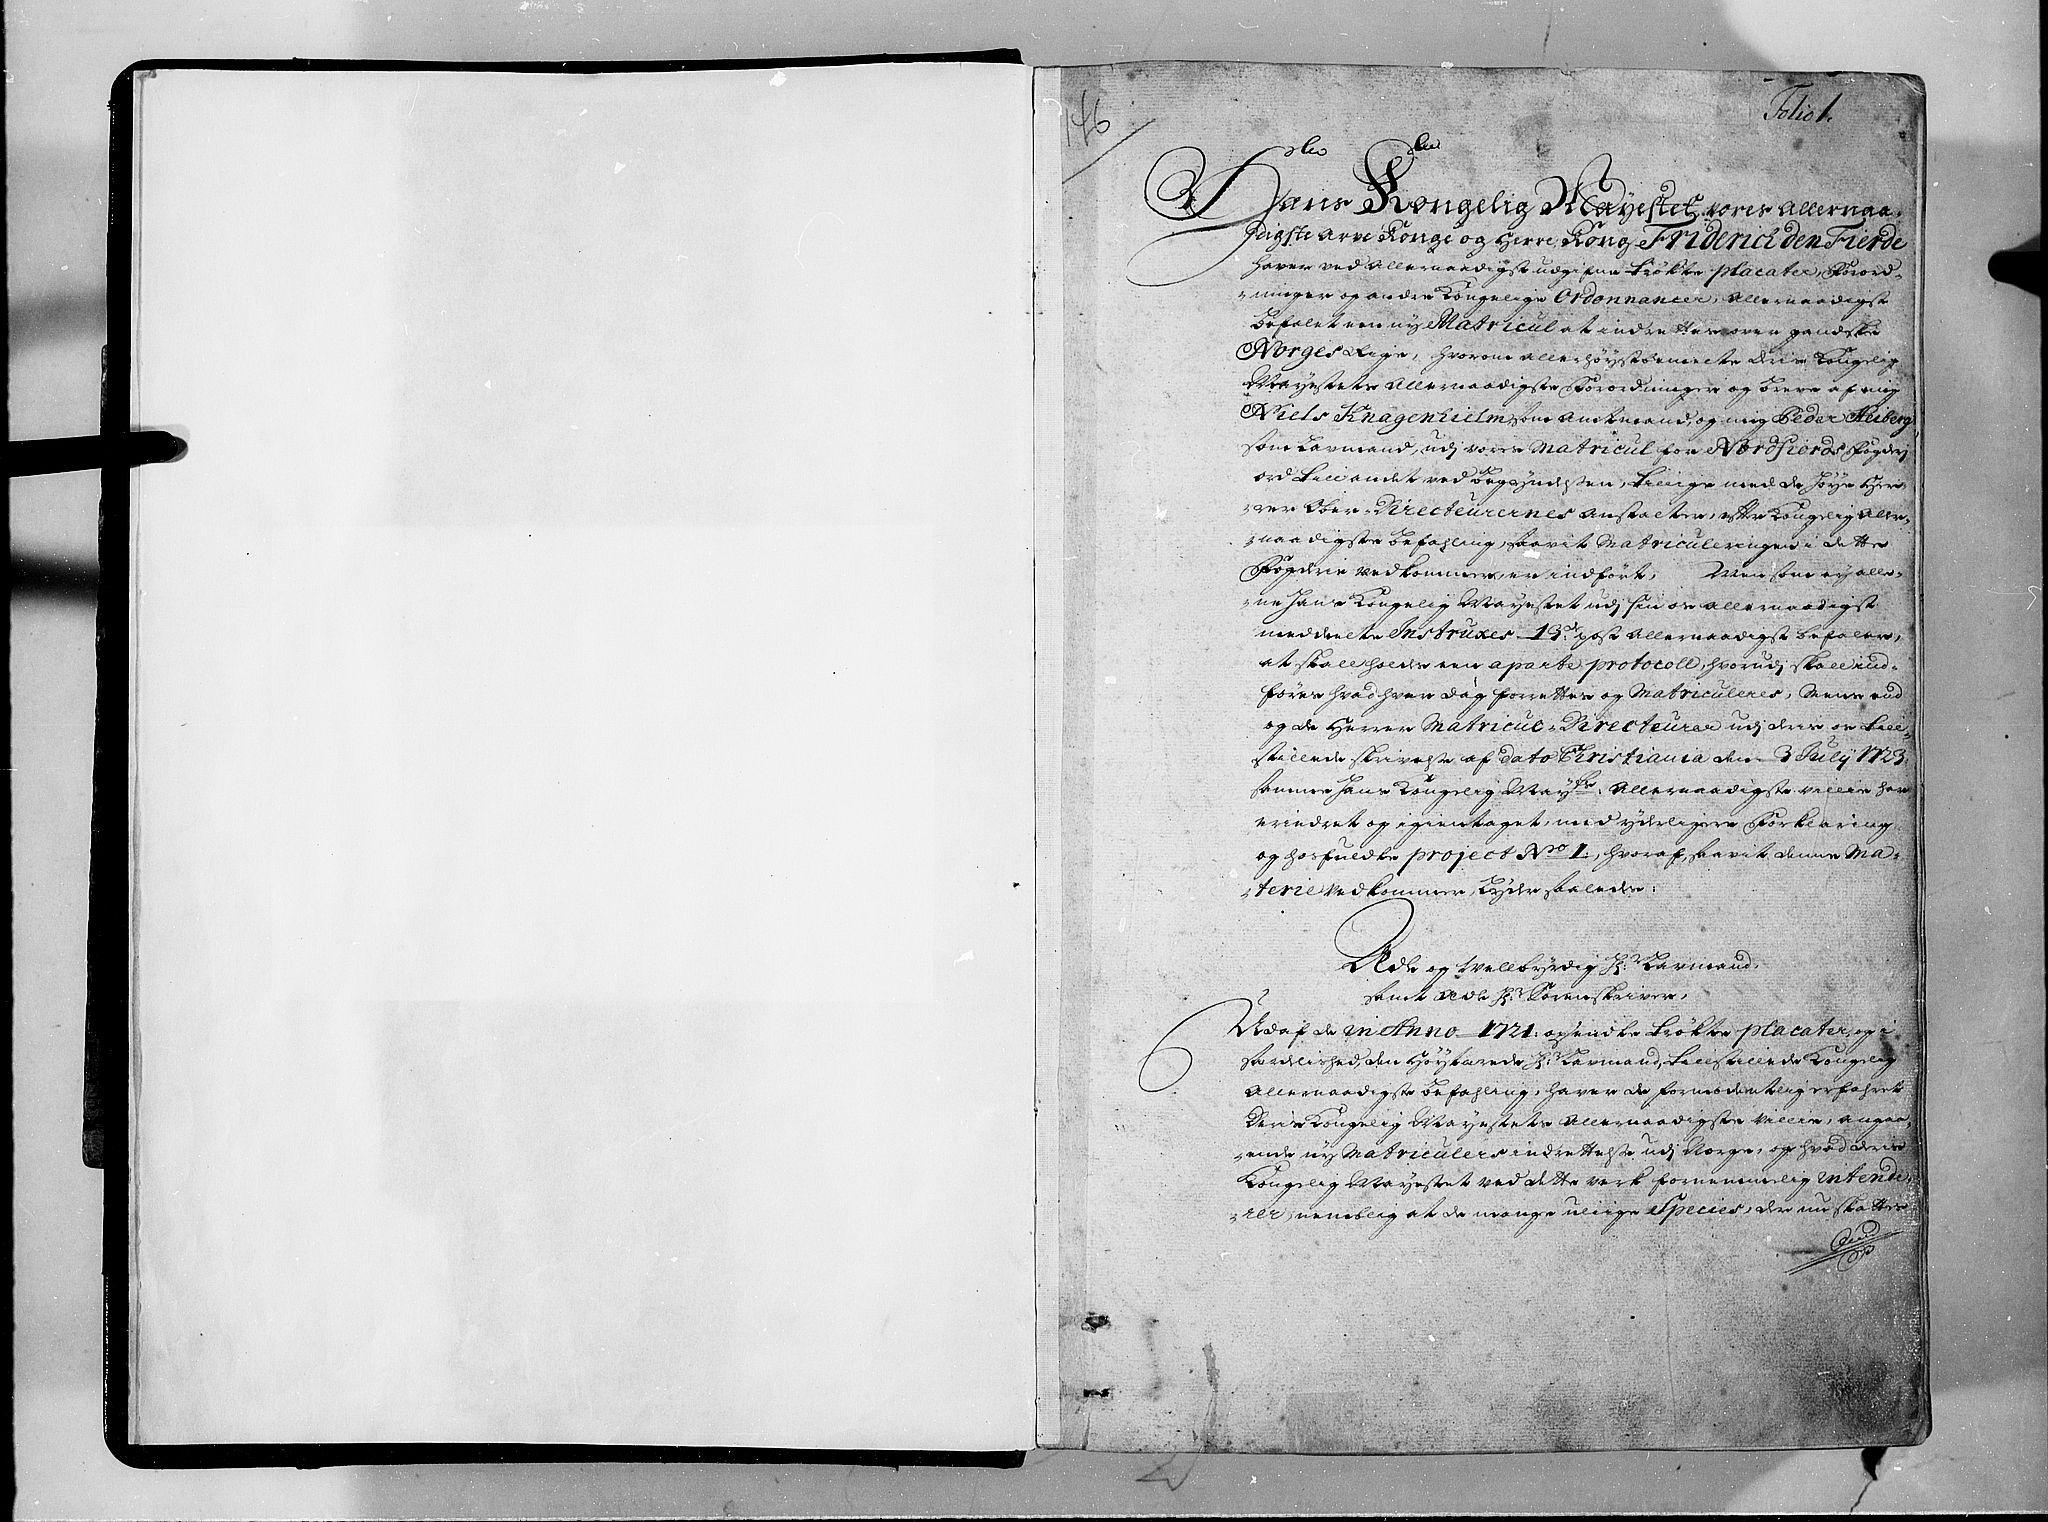 RA, Rentekammeret inntil 1814, Realistisk ordnet avdeling, N/Nb/Nbf/L0146: Sunnfjord og Nordfjord eksaminasjonsprotokoll, 1723, s. 1a